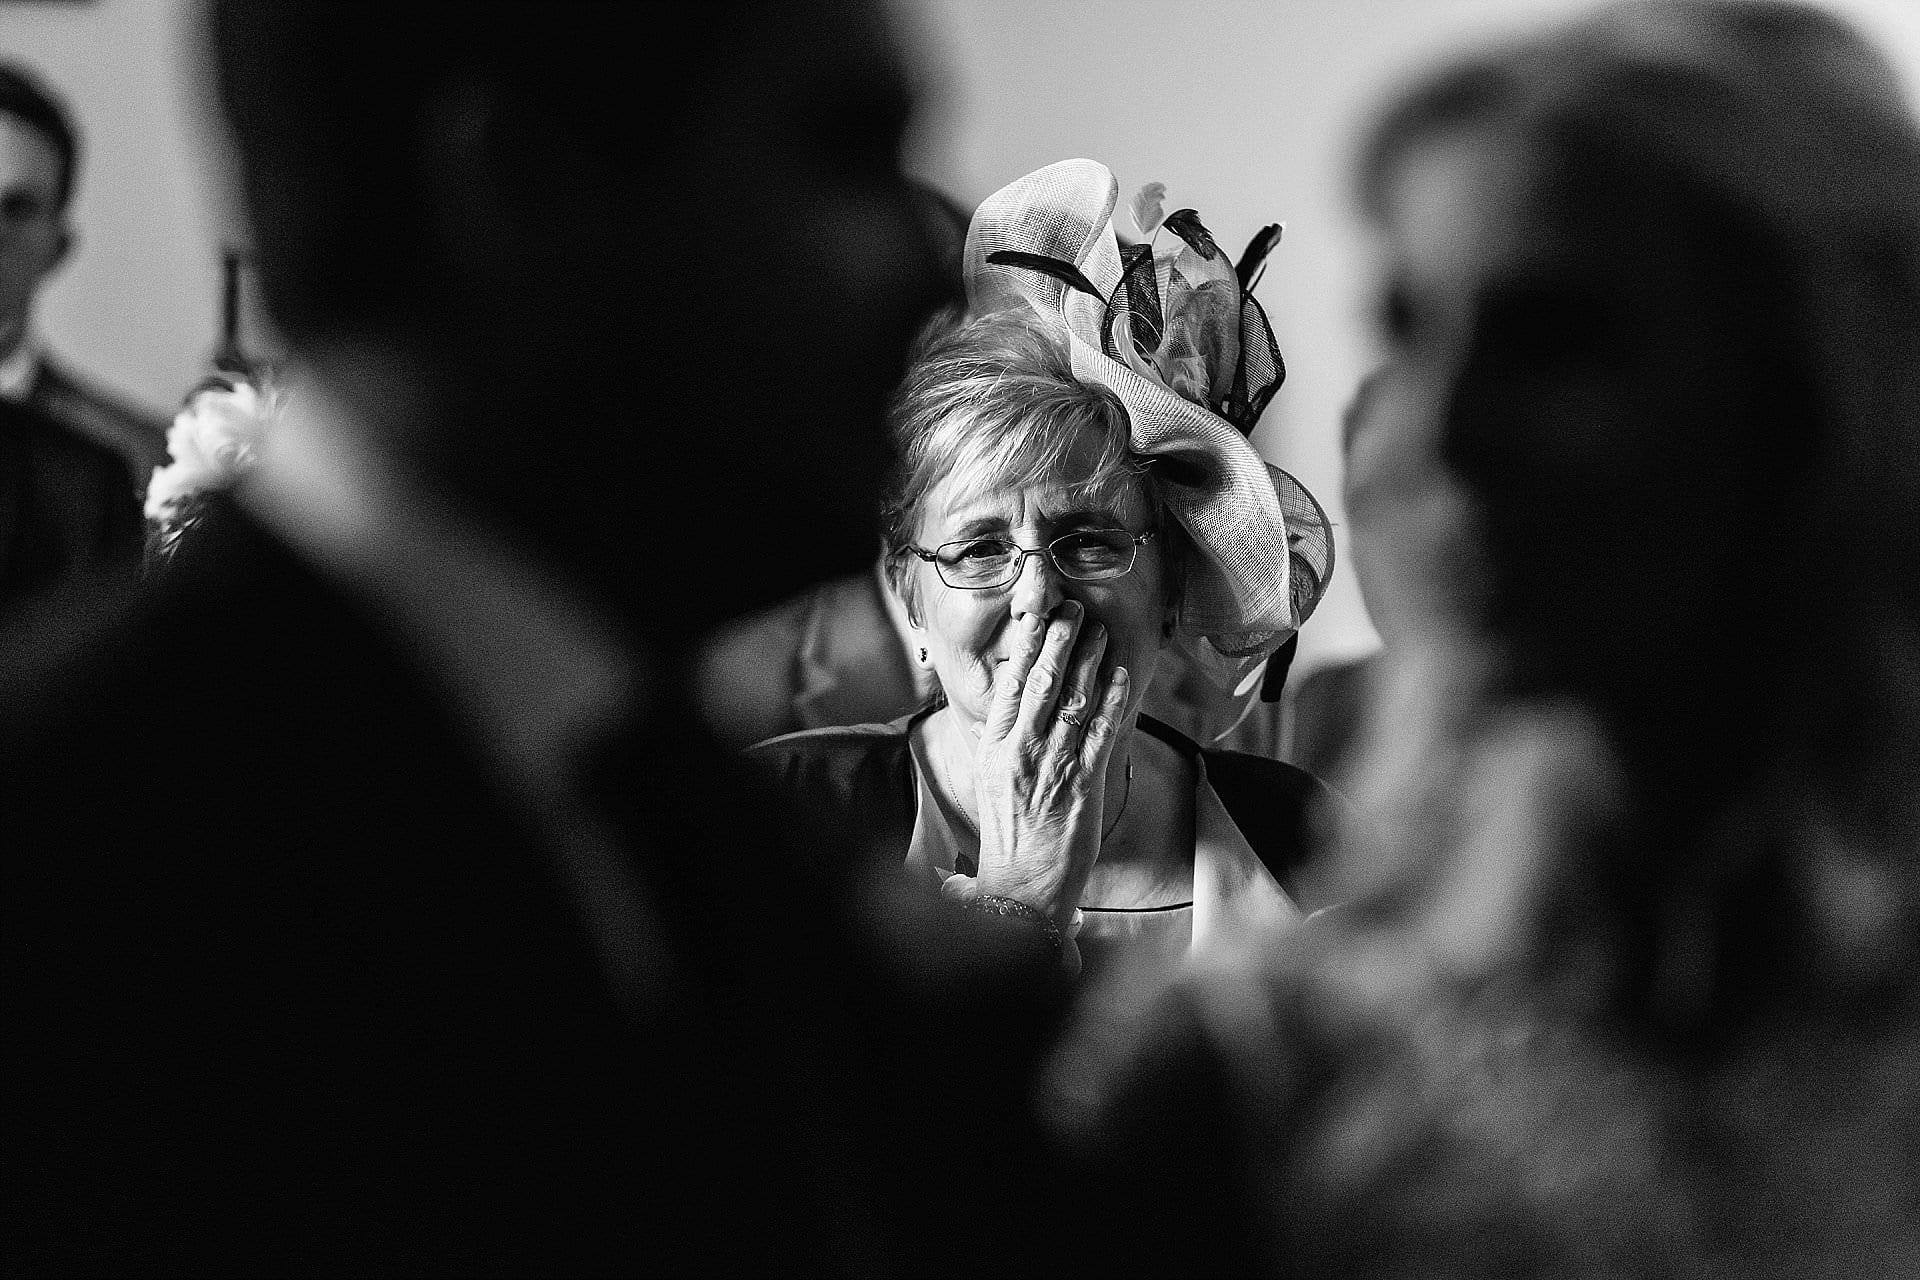 mum looking emotional watching her daughter get married